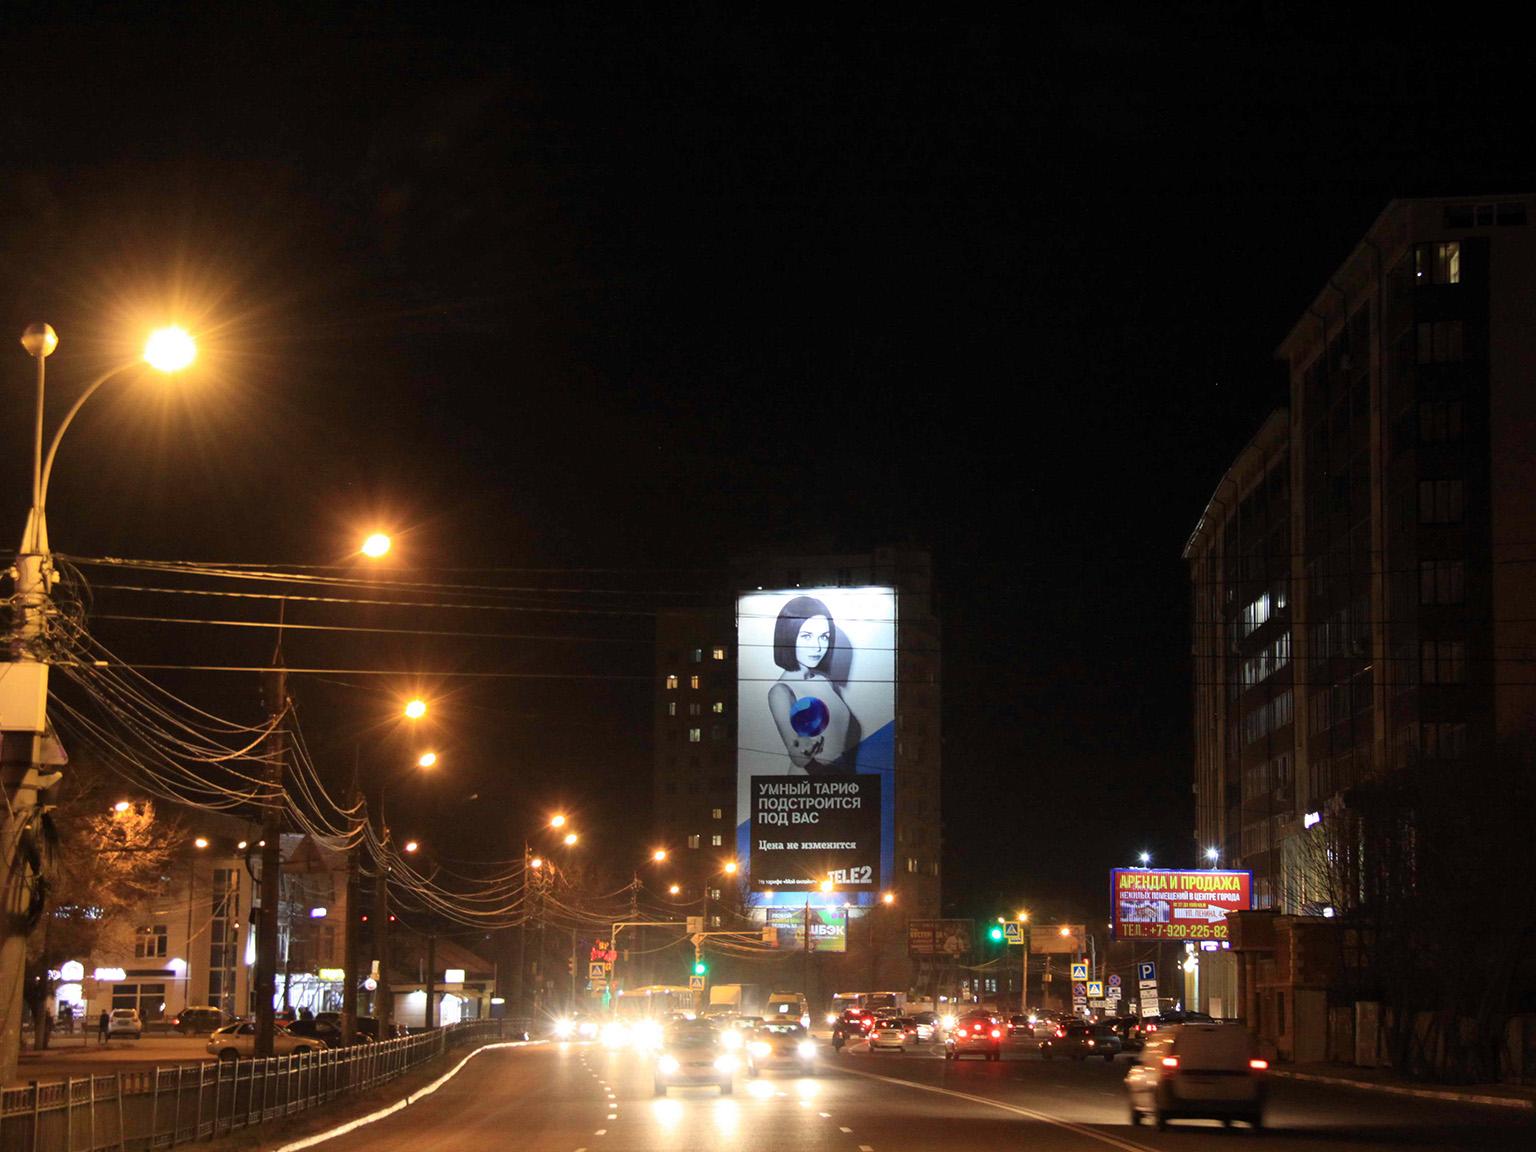 Брандмауэр «TELE2», ул. Ленина, д. 56, ночной вид